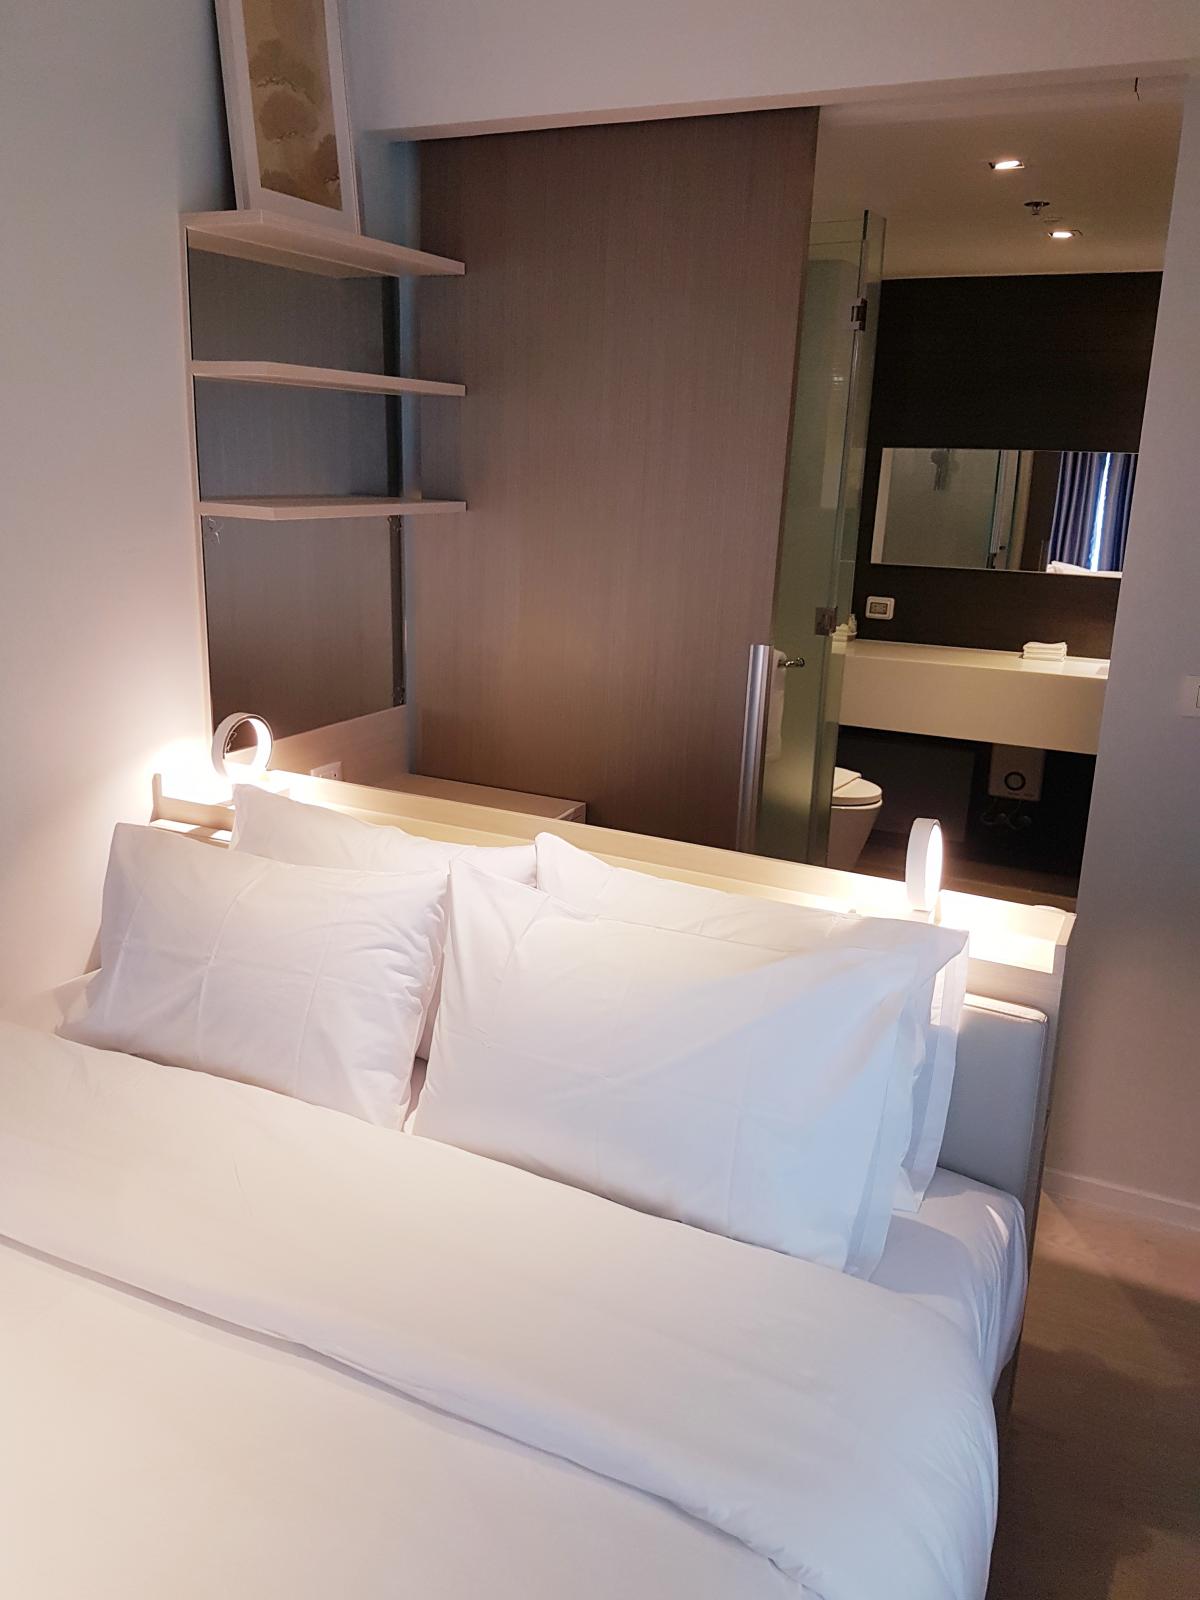 รูปของประกาศขายคอนโดวีรันดา เรสซิเดนซ์ พัทยา(2 ห้องนอน)(4)